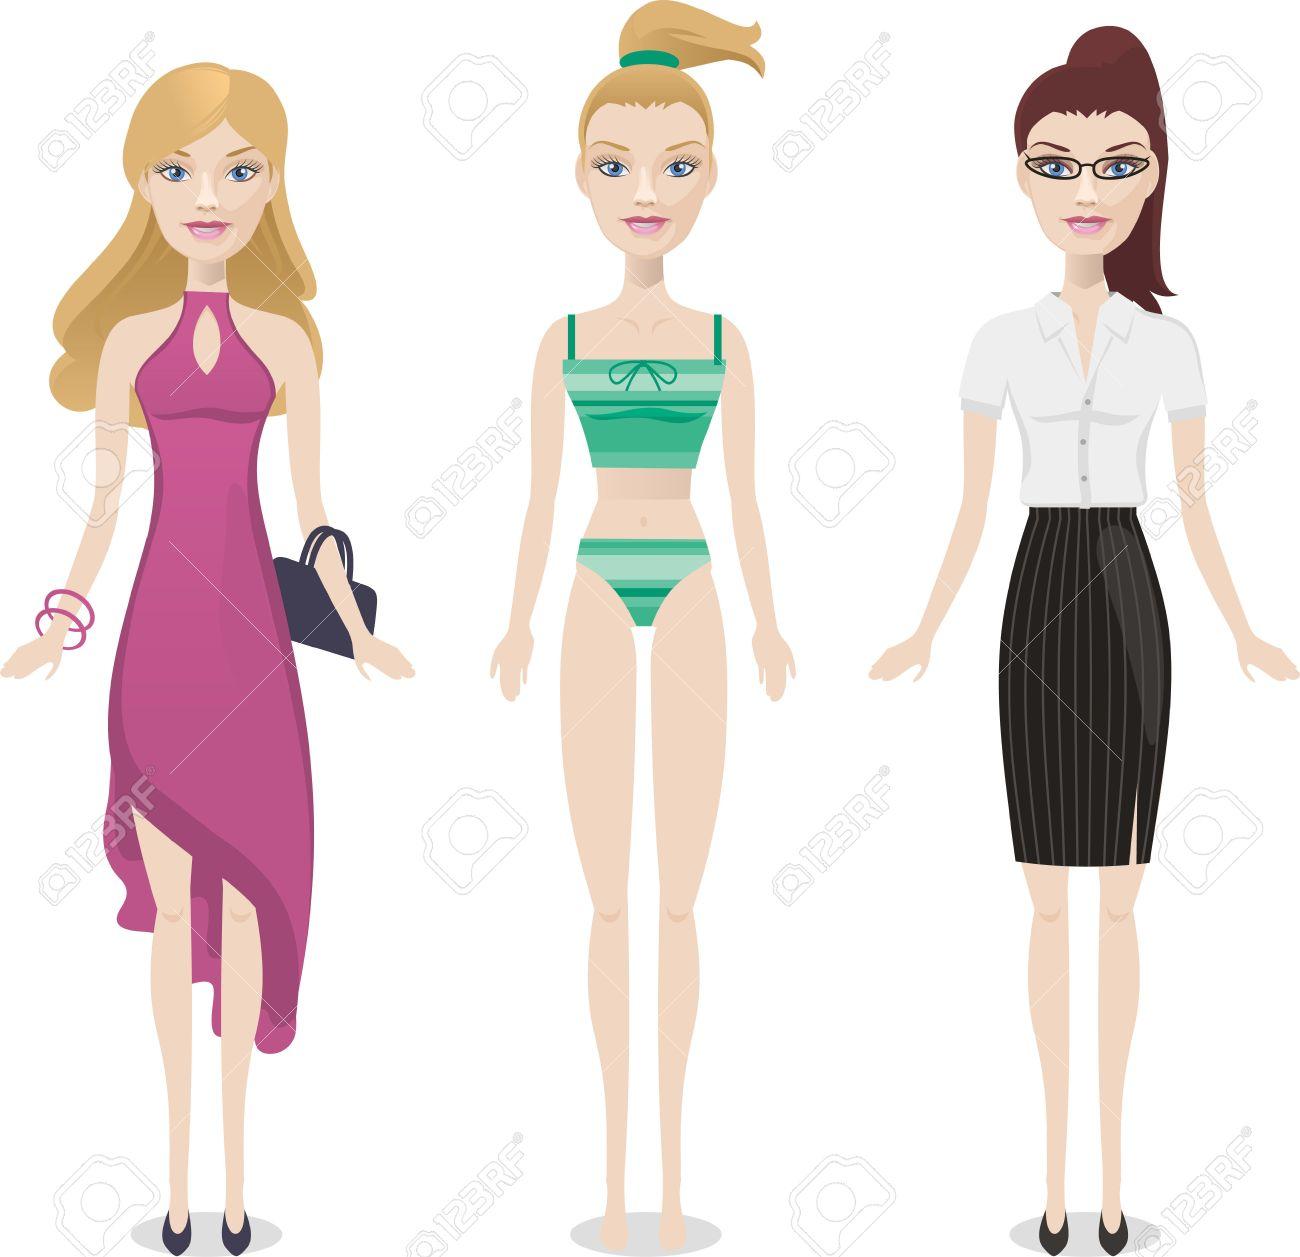 Muñecas De Moda De Dibujos Animados